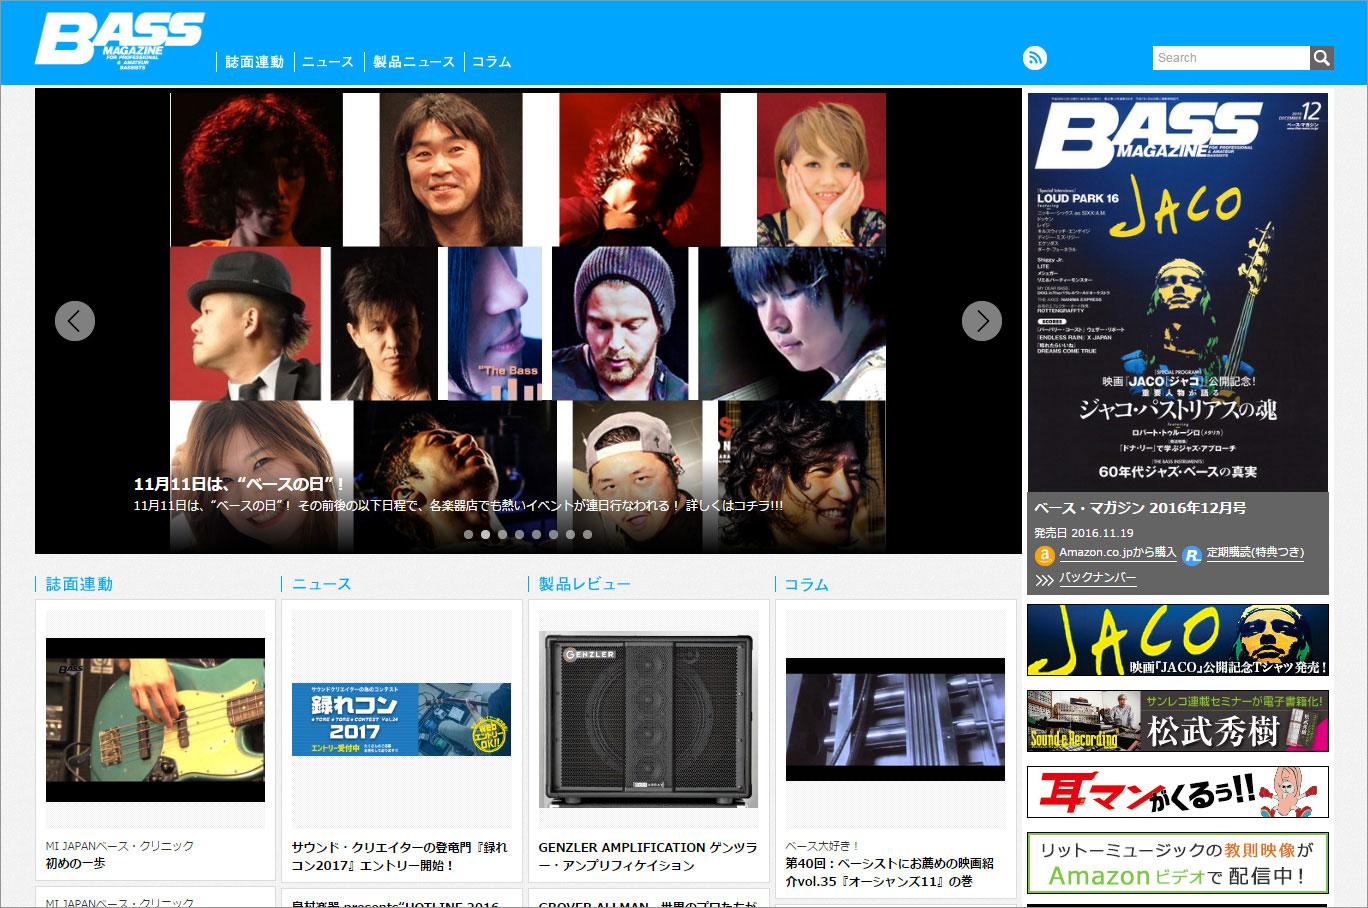 WEBサイト『ベース・マガジン』